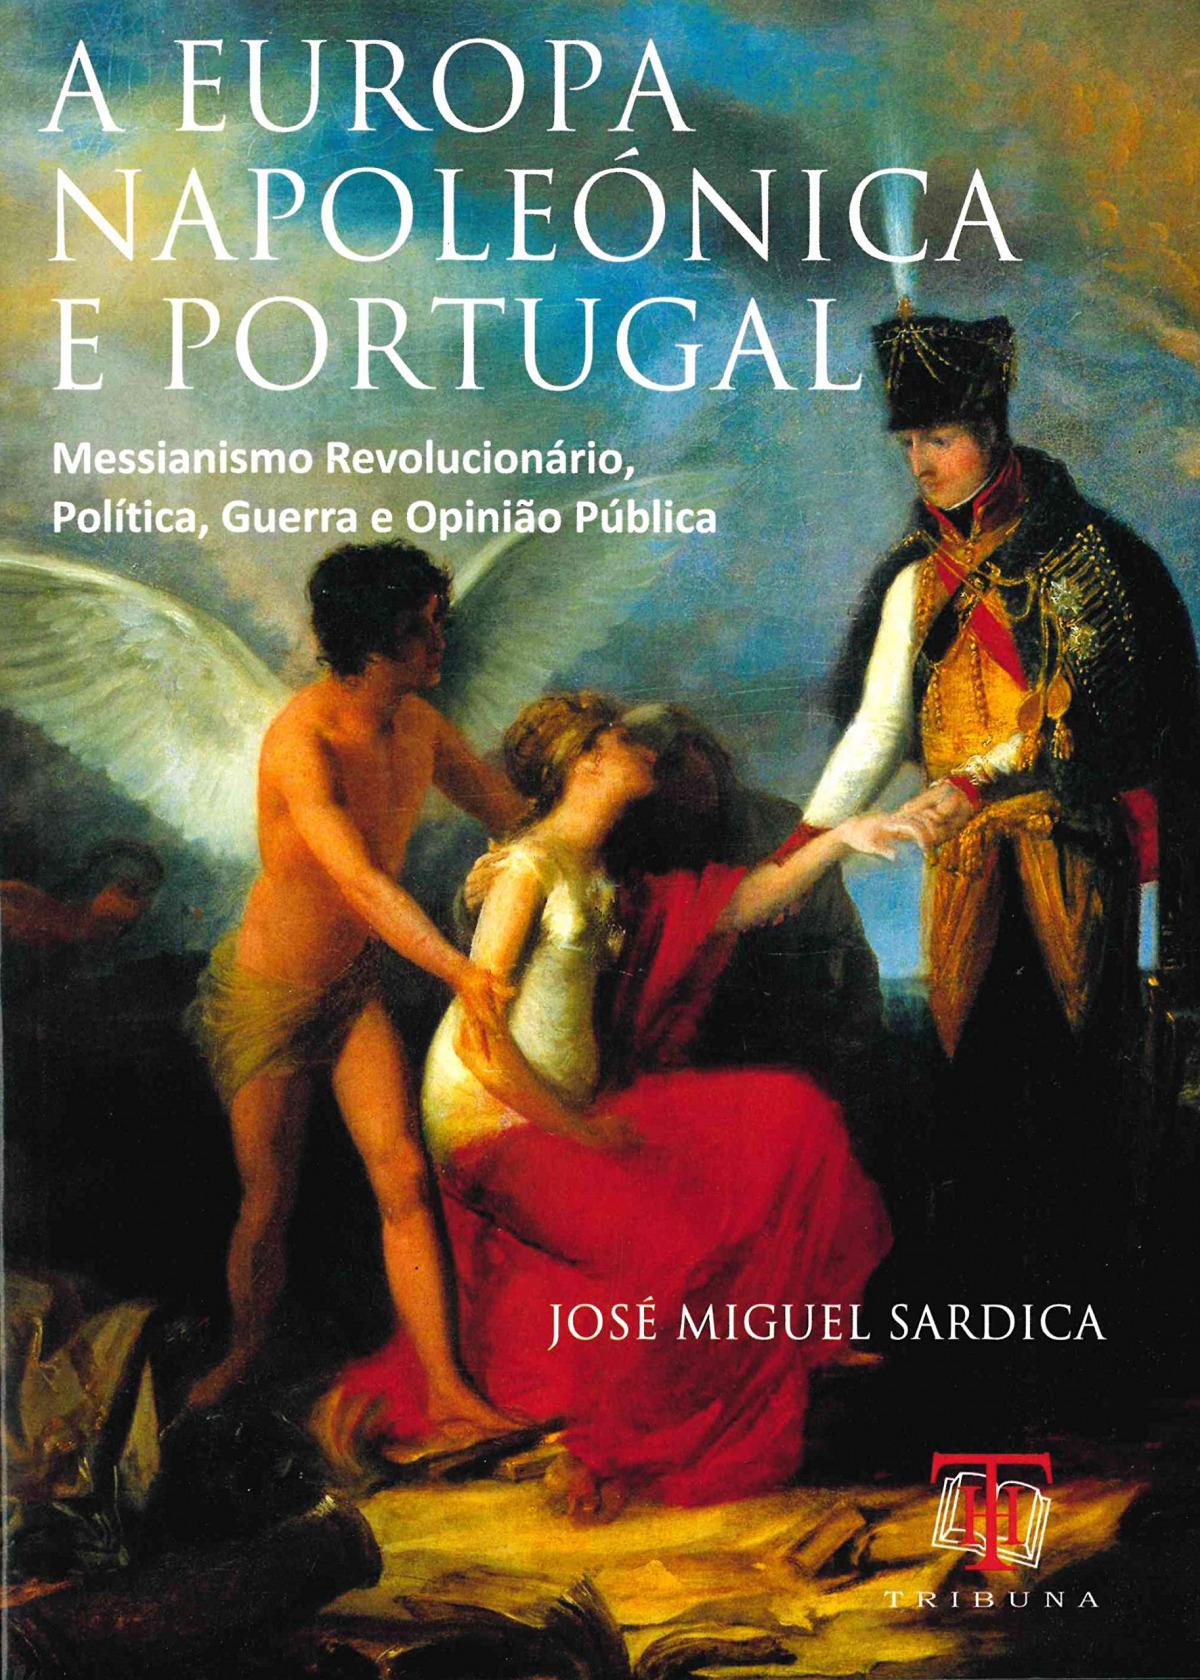 A Europa Napoleonica e Portugal 9789898219329